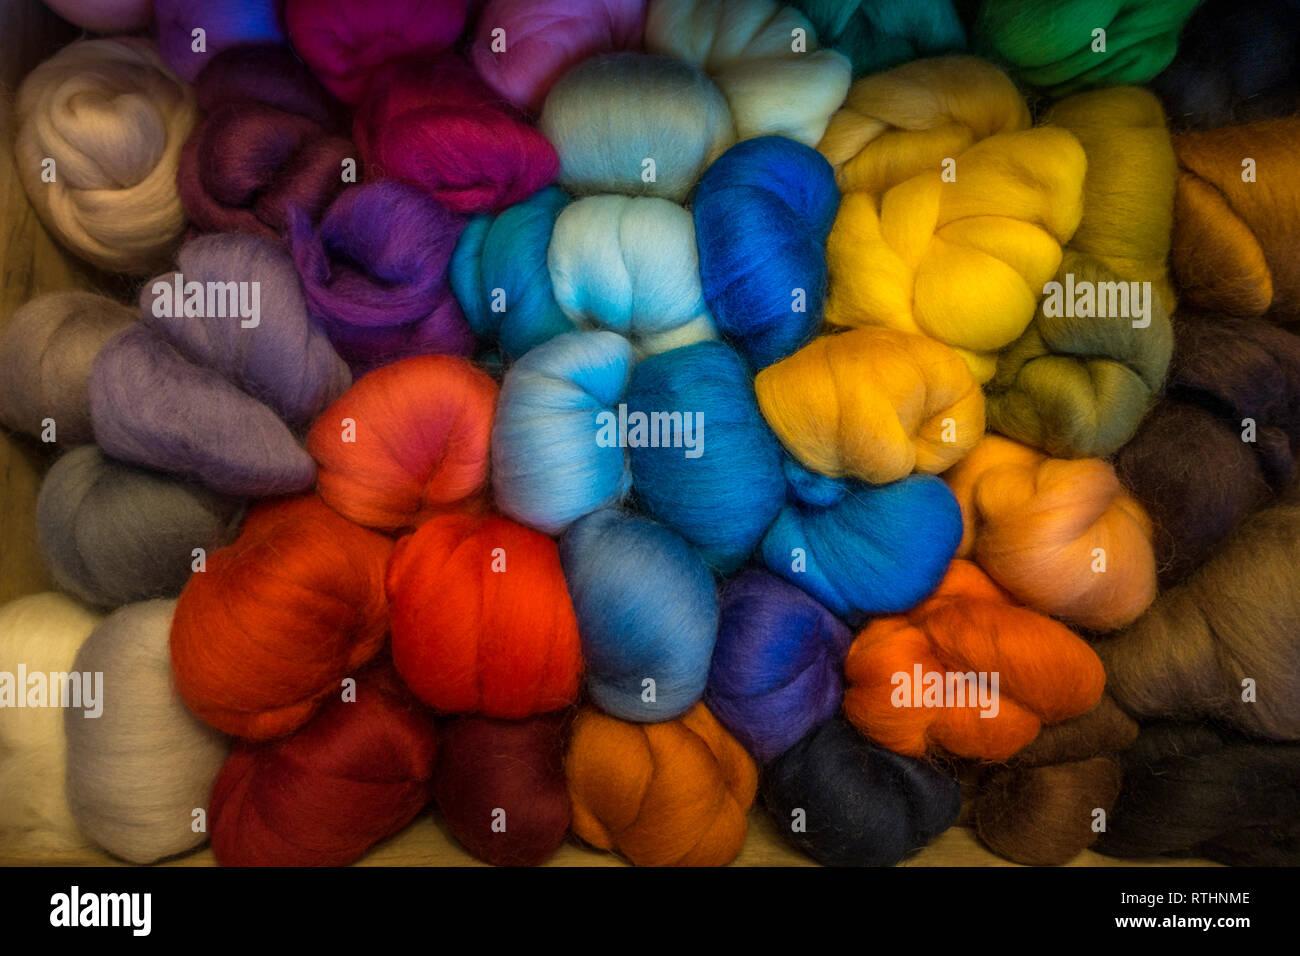 Craft tiroir plein de couleurs vives merino laine pour feutrage aiguille Photo Stock